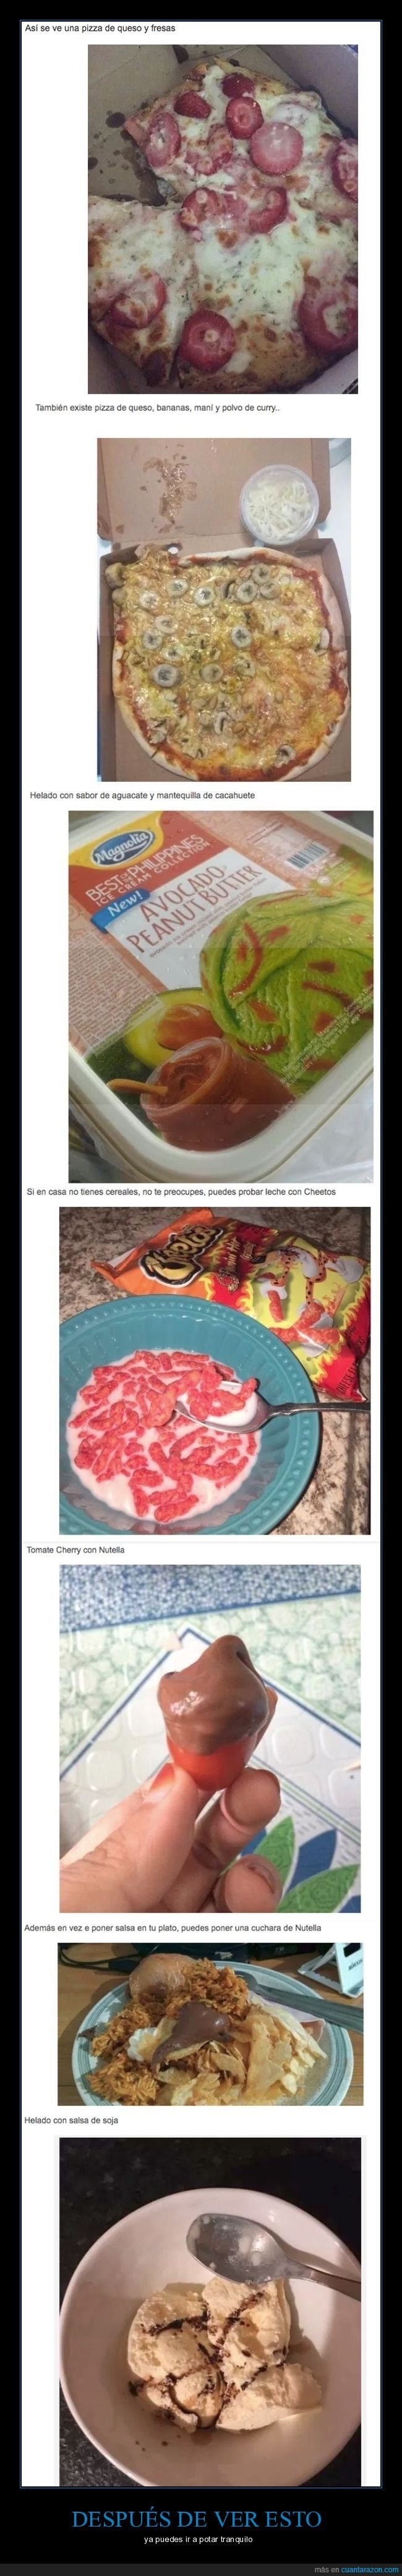 comidas que dan asco de solo verlas